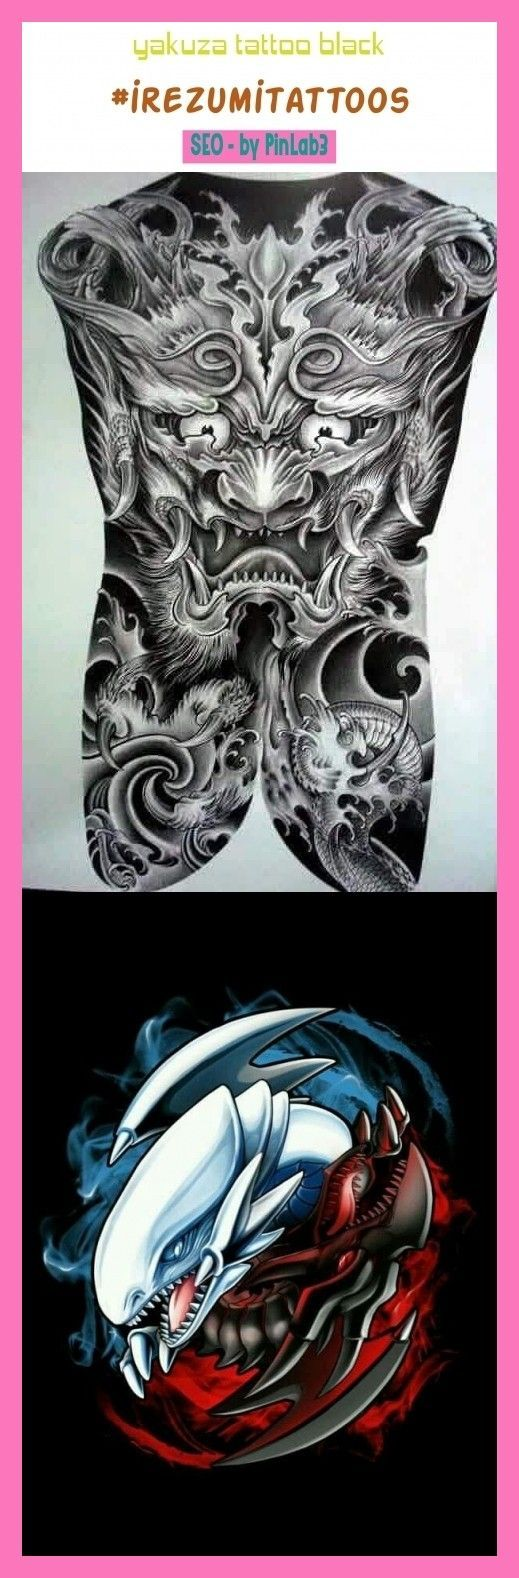 Yakuza tattoo black irezumitattoos tattoos. yakuza